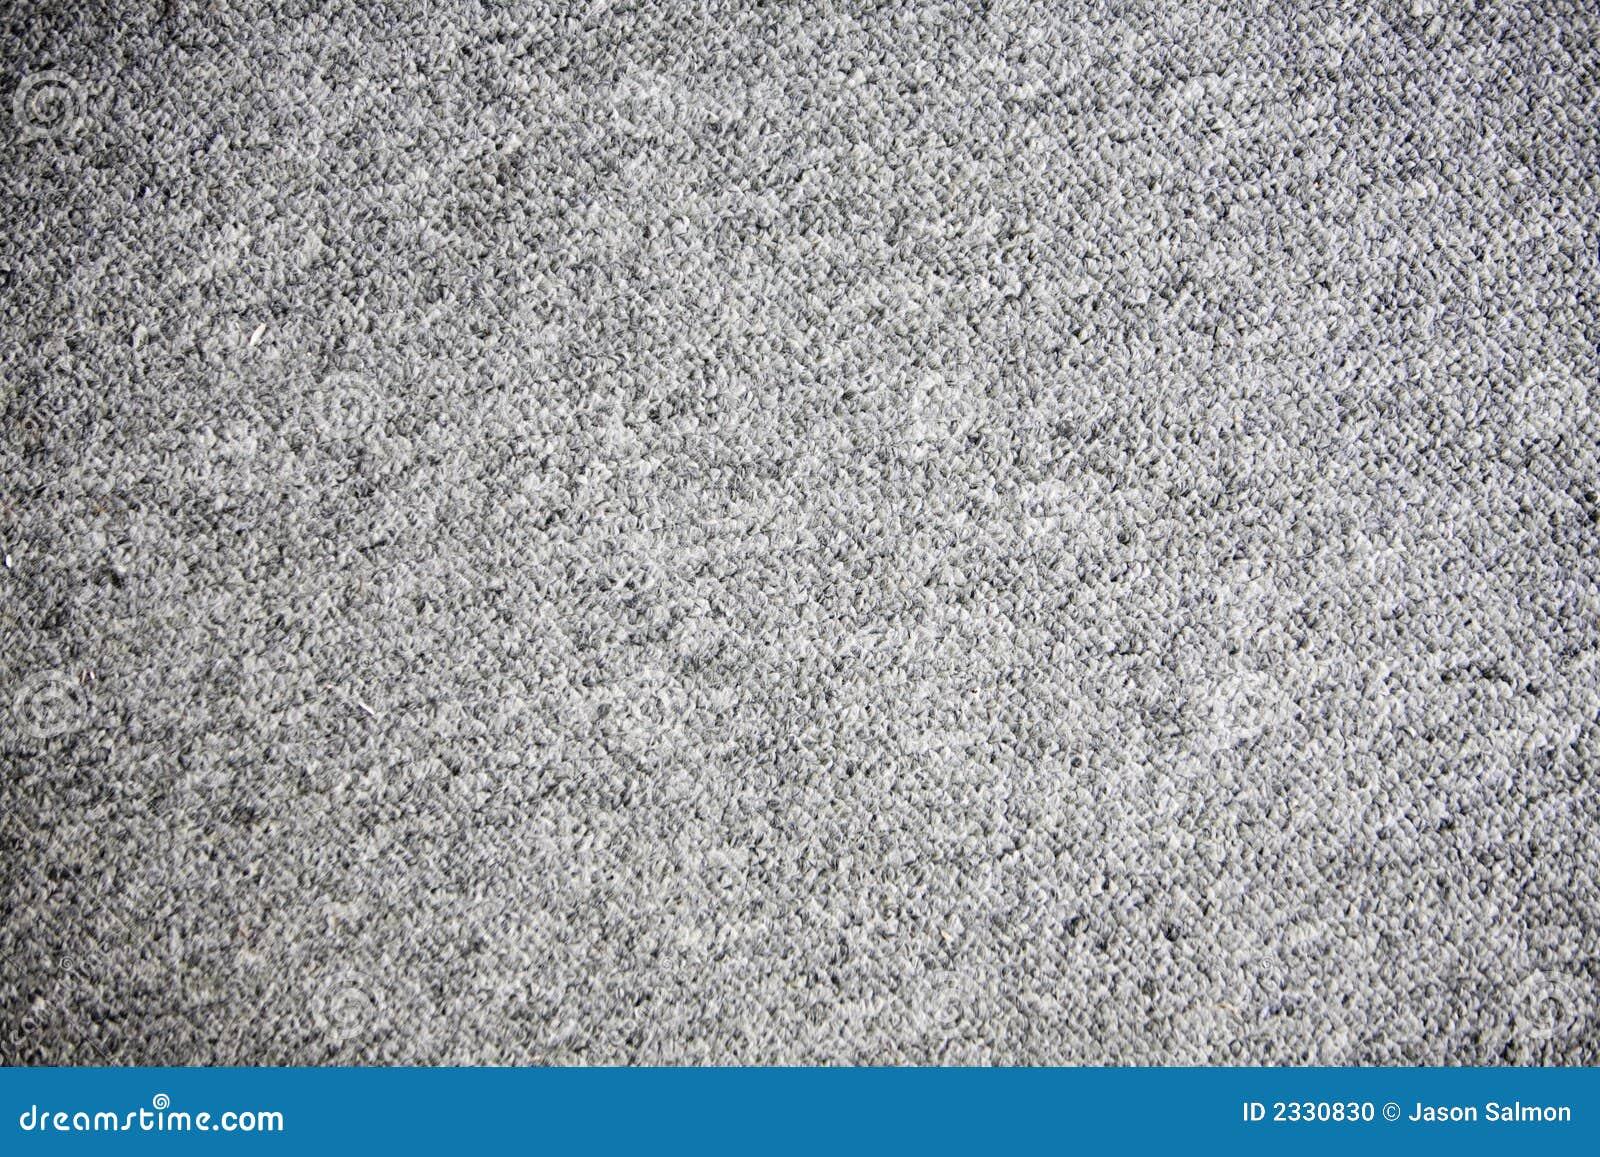 Grijs tapijt stock foto beeld 2330830 - Grijs tapijt ...